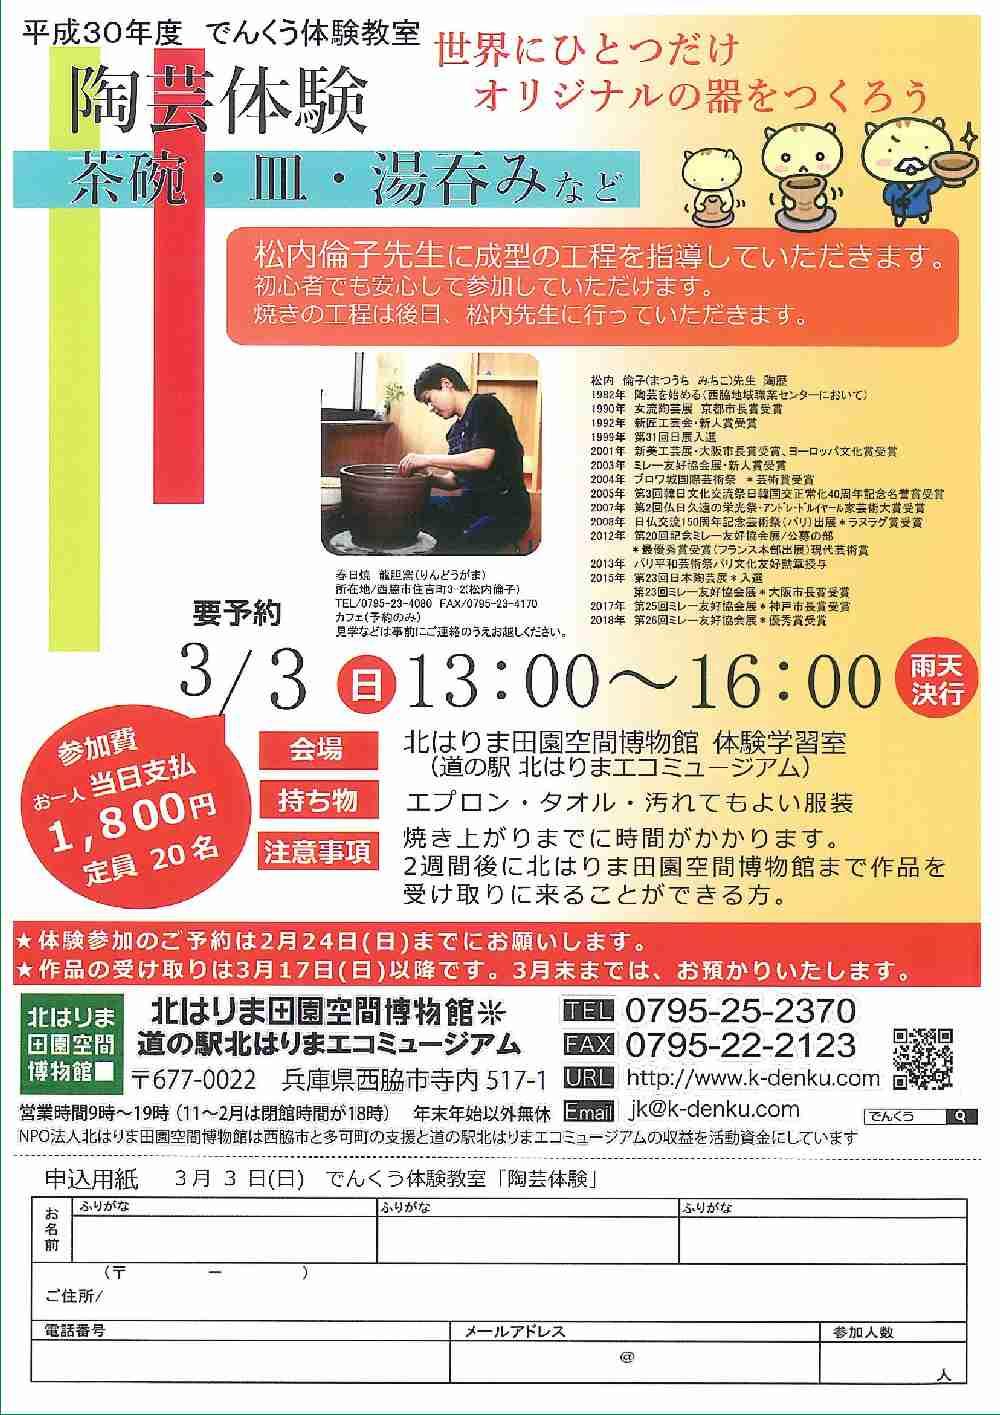 3/3 体験教室「陶芸体験」:でんくう